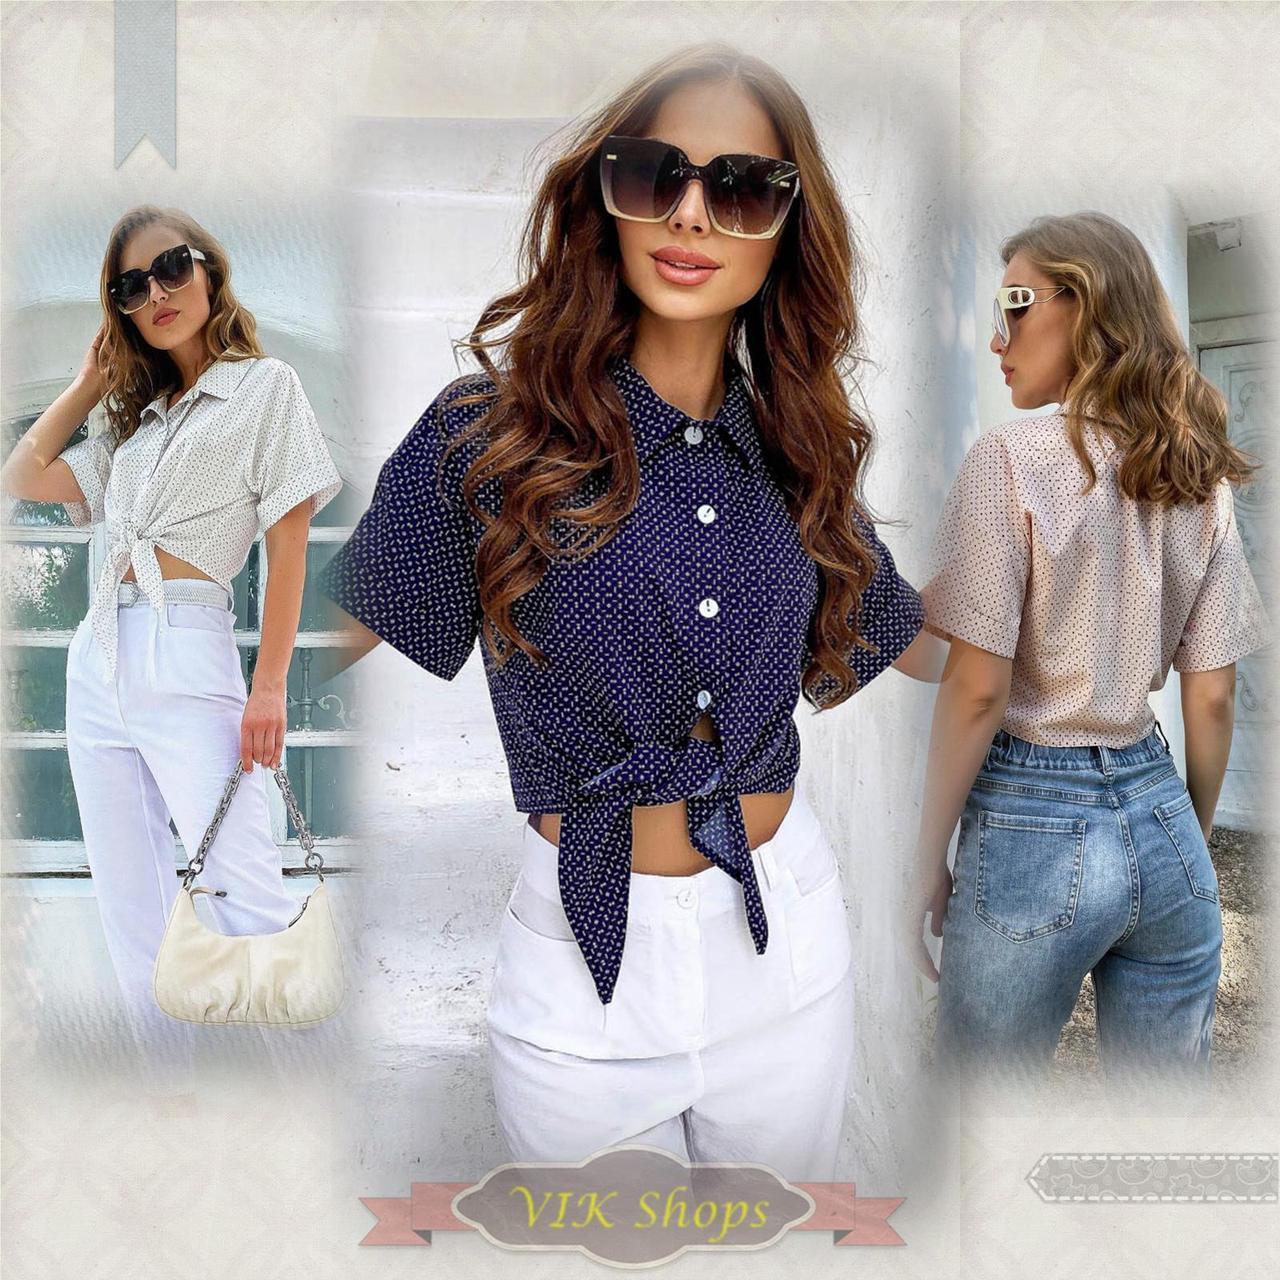 Рубашка летняя брендовая Seventeen короткая с завязками (3 цвета, р.S-M,L-XL)